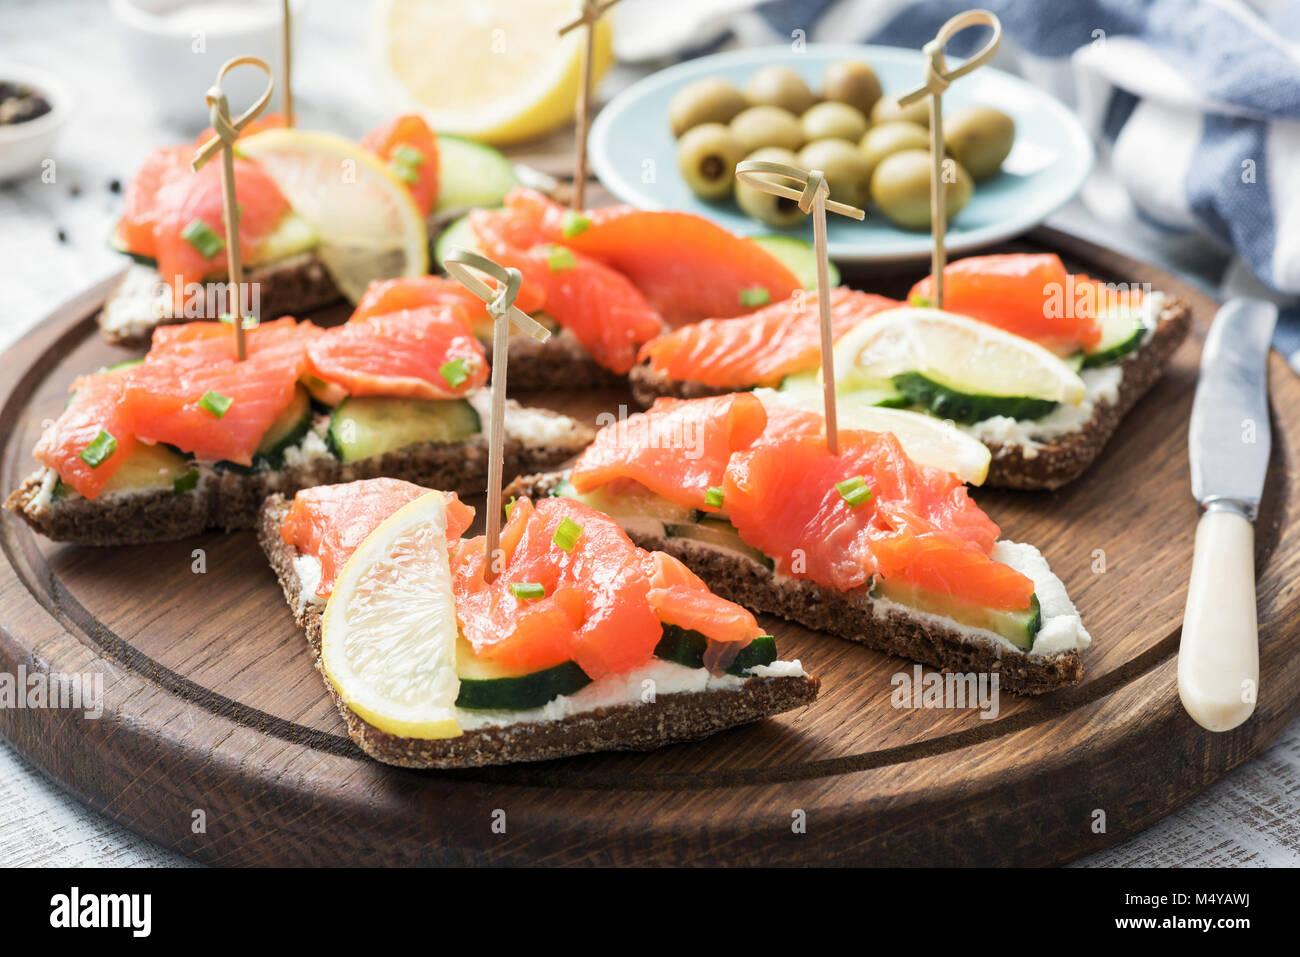 Canape sandwiches au saumon, concombre et fromage à la crème. Vue rapprochée Photo Stock